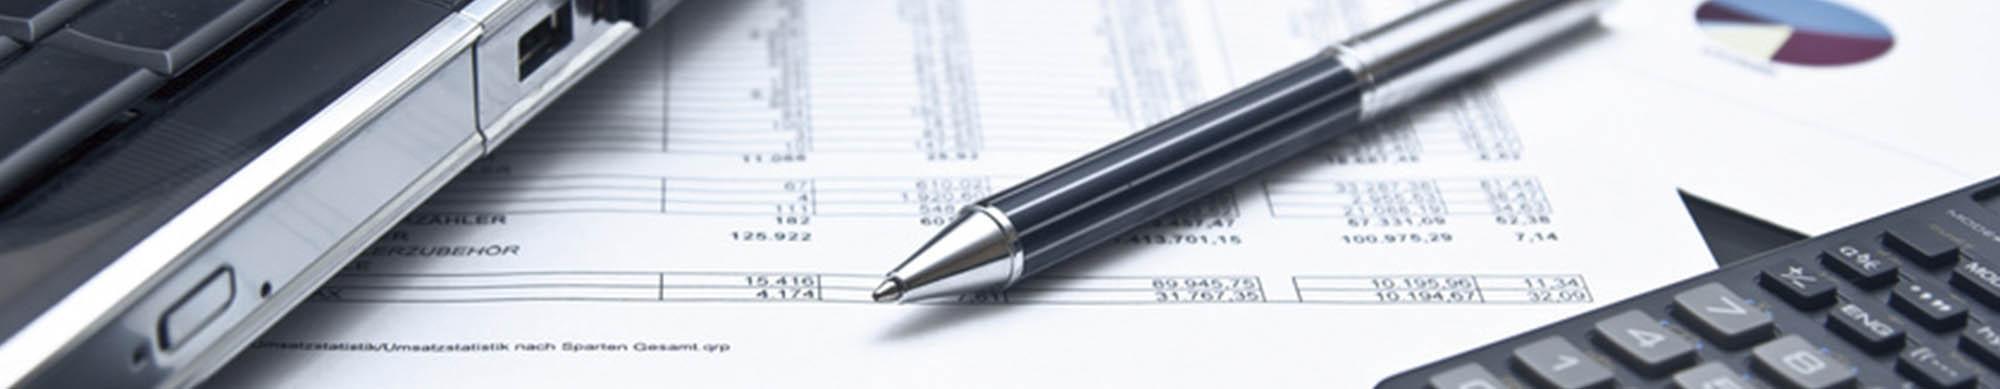 Fiscalizacion_cuentas